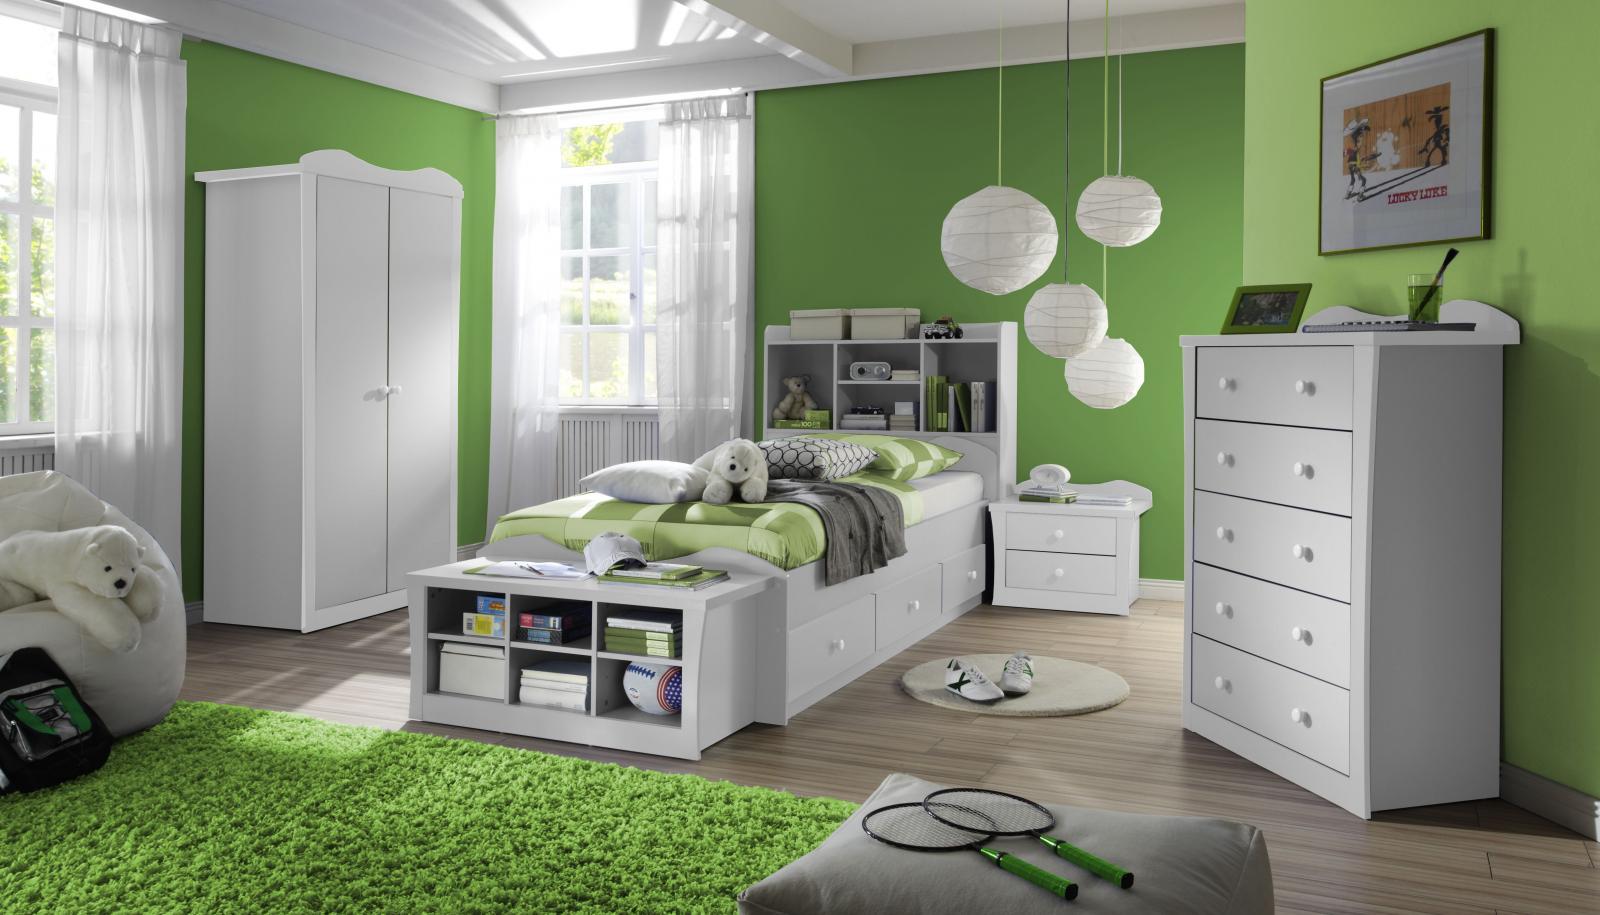 Dormitorio Verde ~ Dormitorio para niños color verde Dormitorios colores y estilos